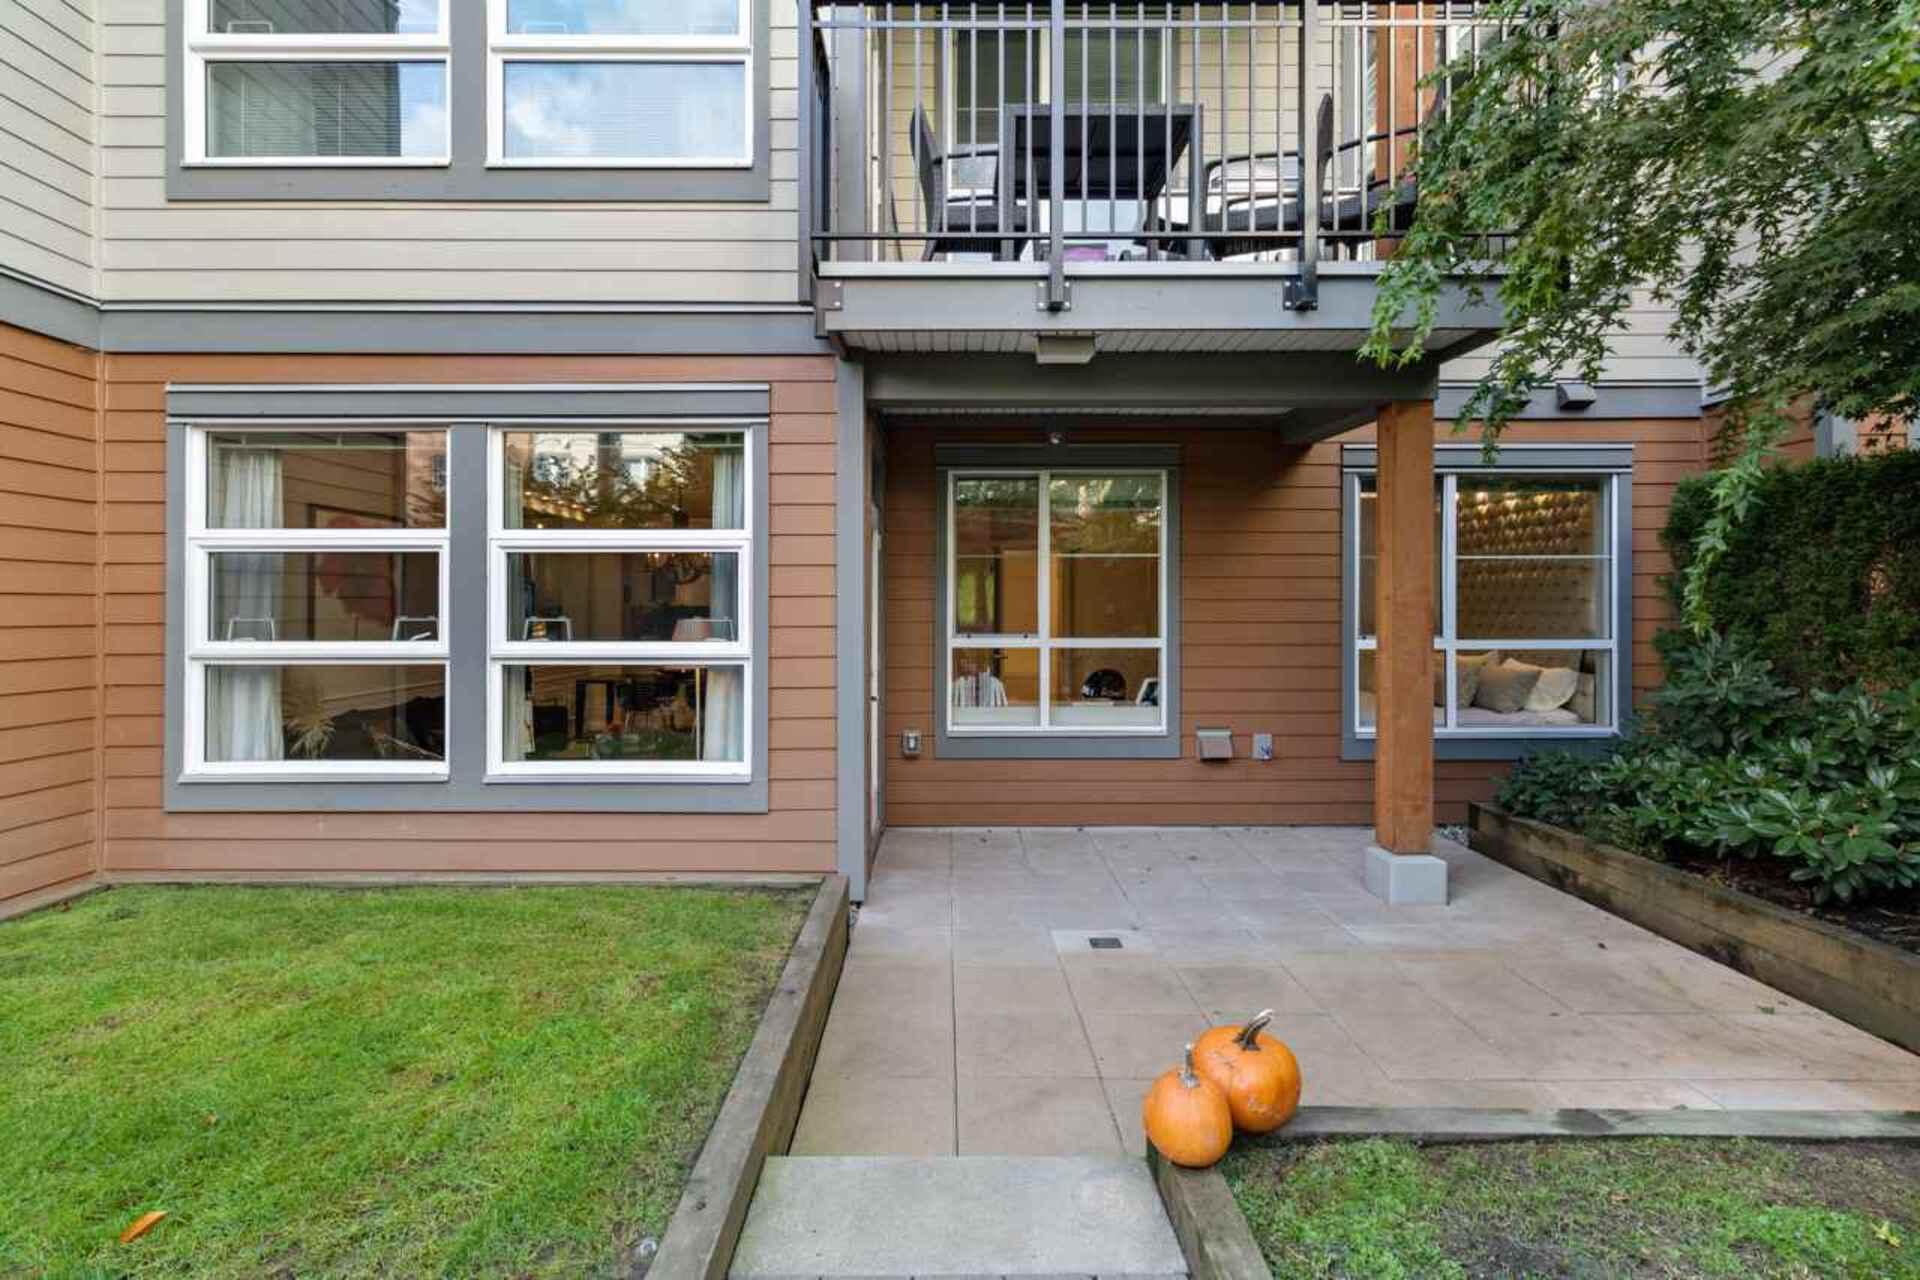 607-cottonwood-avenue-coquitlam-west-coquitlam-25 at 112 - 607 Cottonwood Avenue, Coquitlam West, Coquitlam